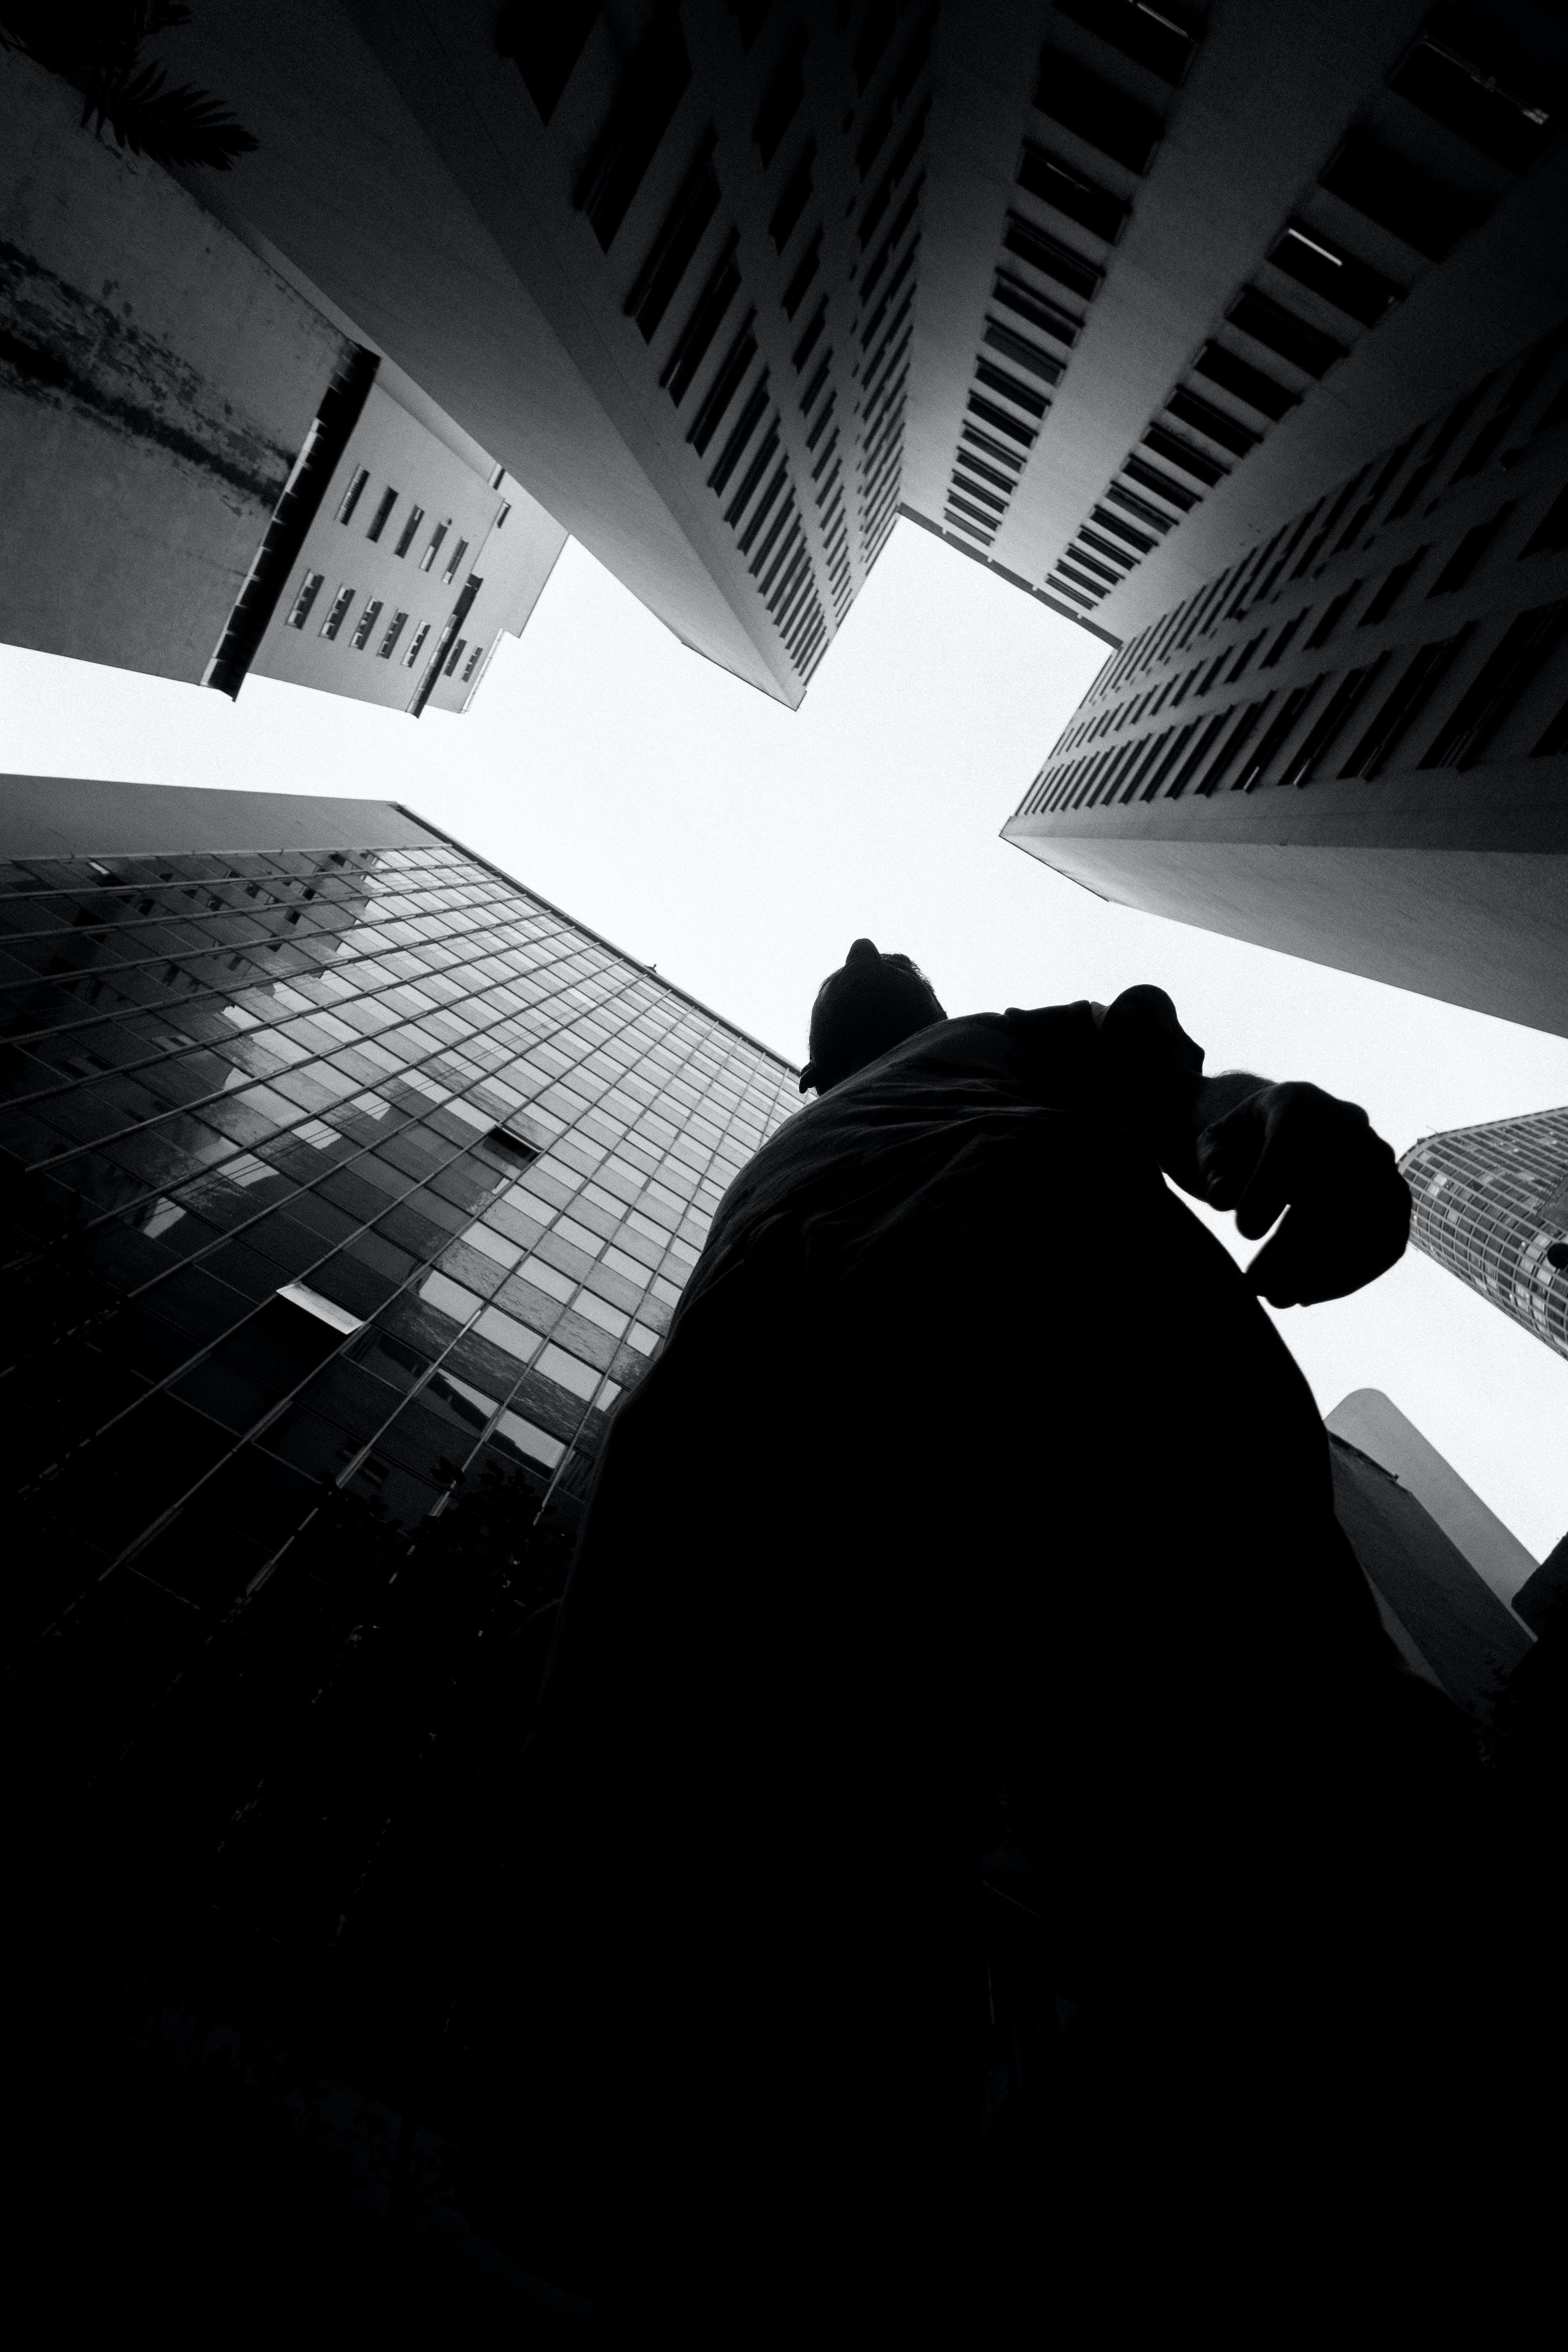 건물, 건축, 남자, 로우앵글 샷의 무료 스톡 사진